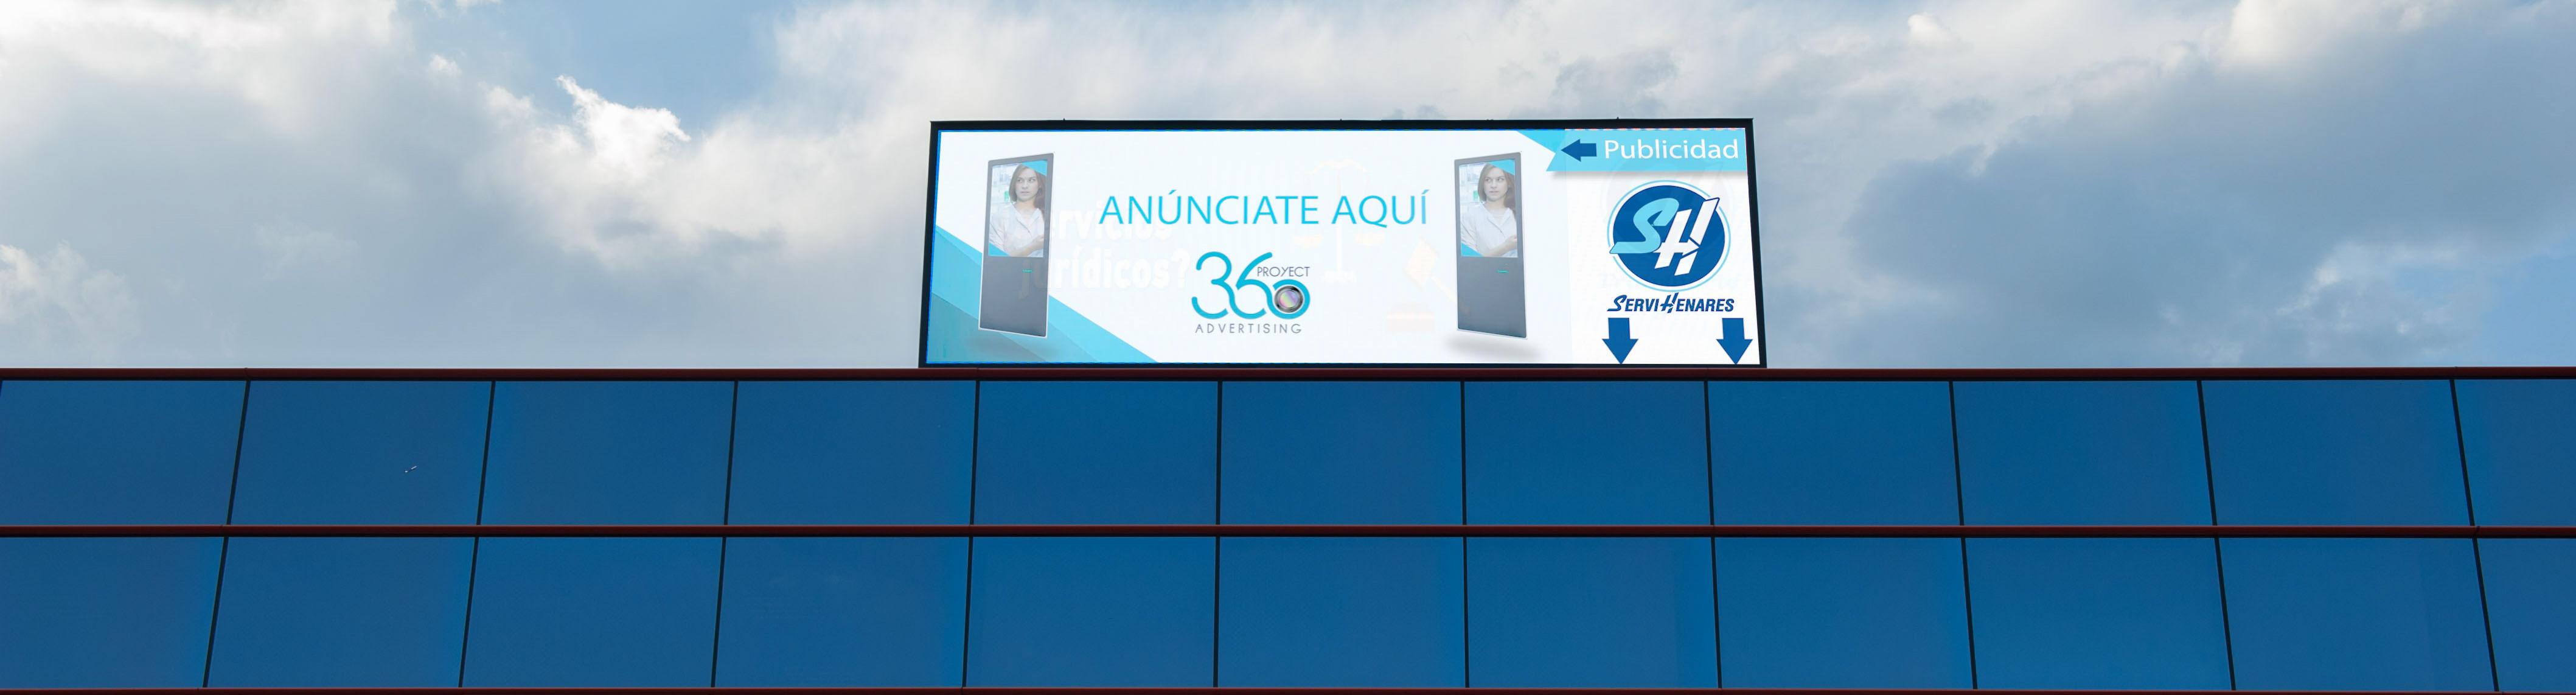 Fachada de las instalaciones de Proyect360 Advertising